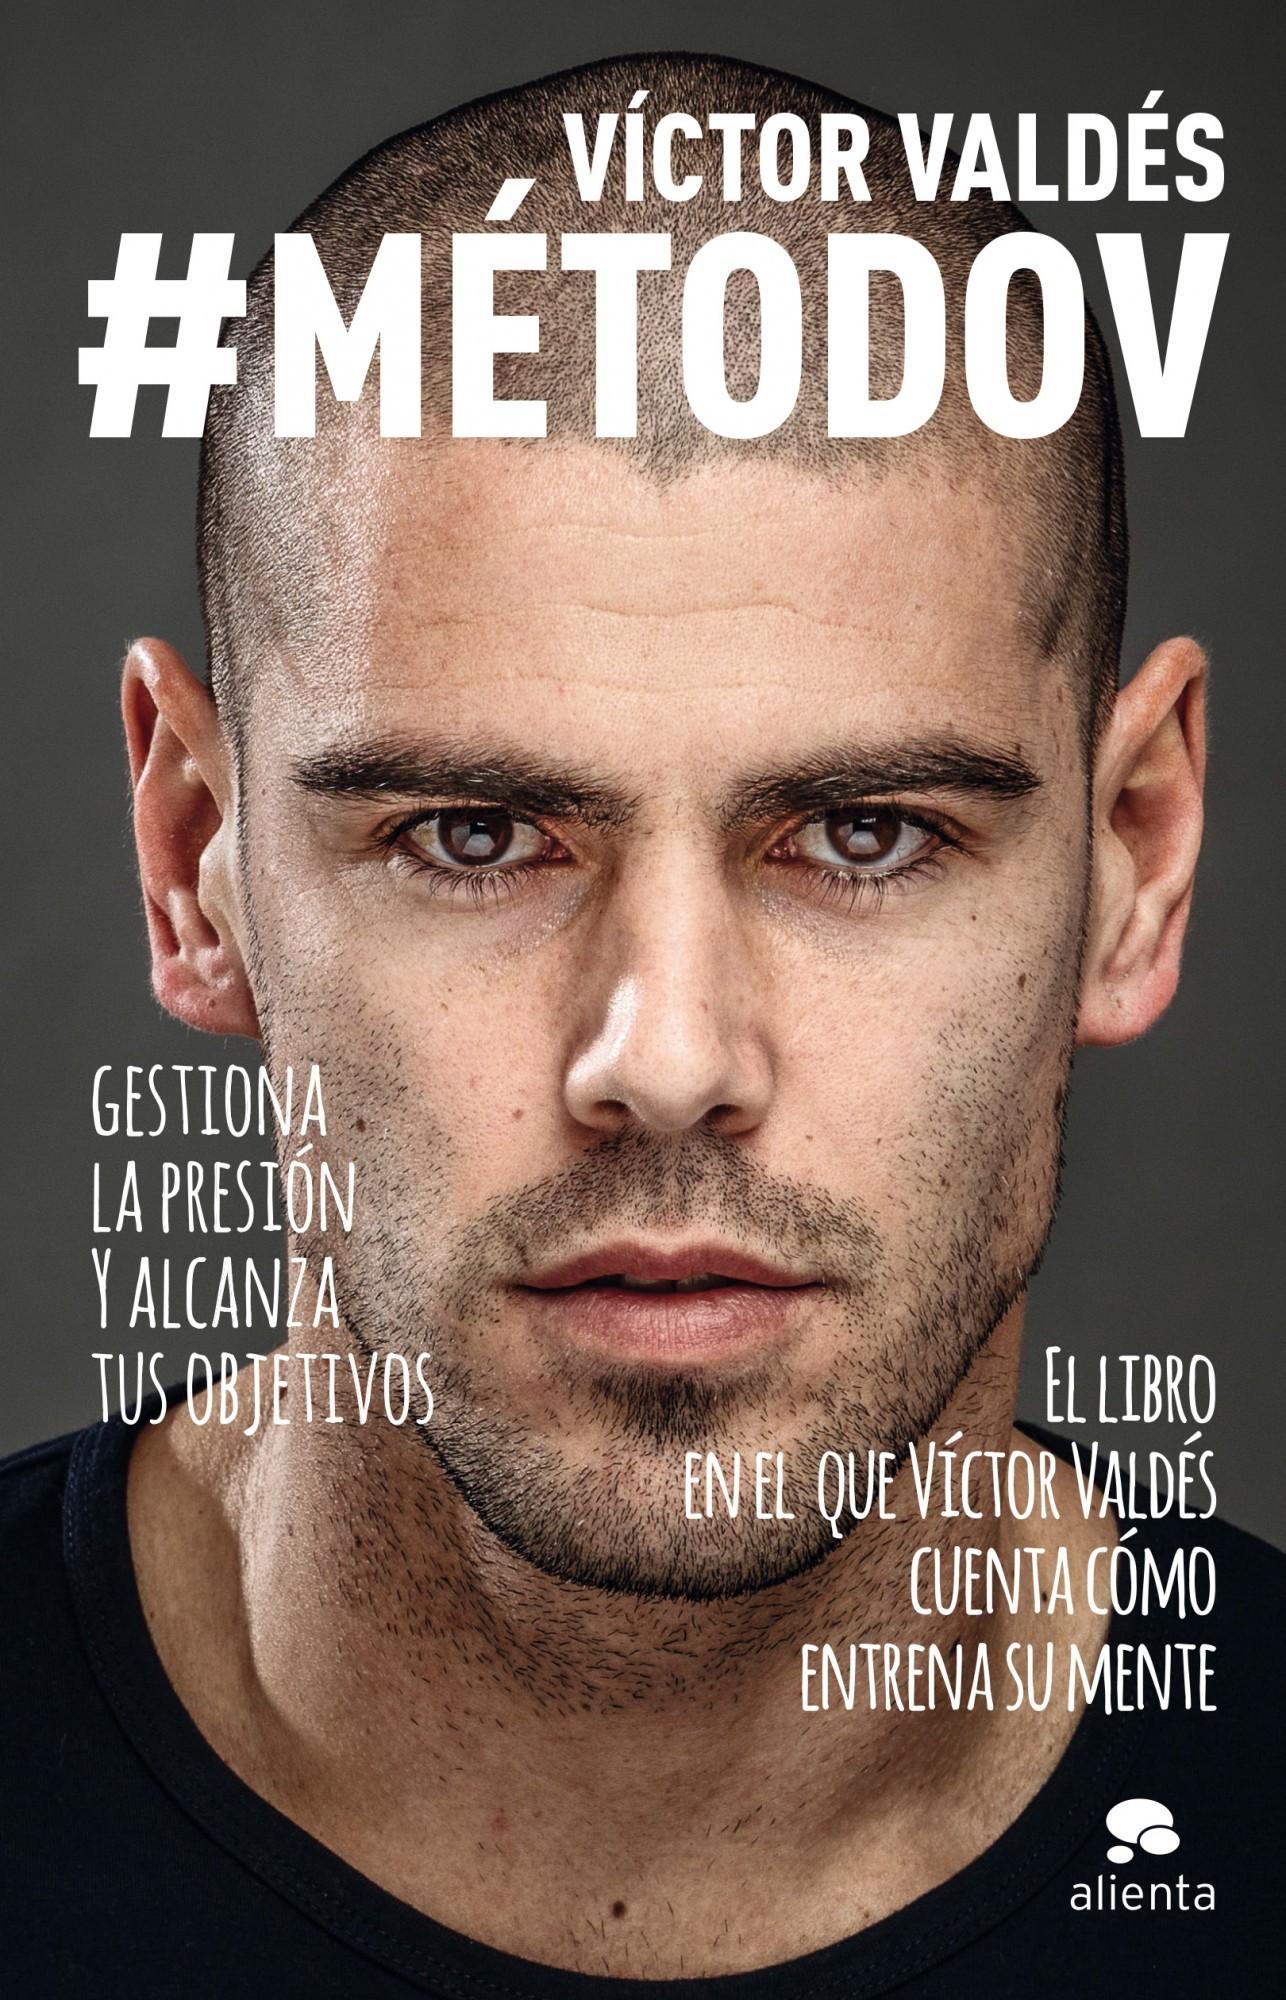 #MÉTODOV. GESTIONA LA PRESIÓN Y ALCANZA TUS OBJETIVOS